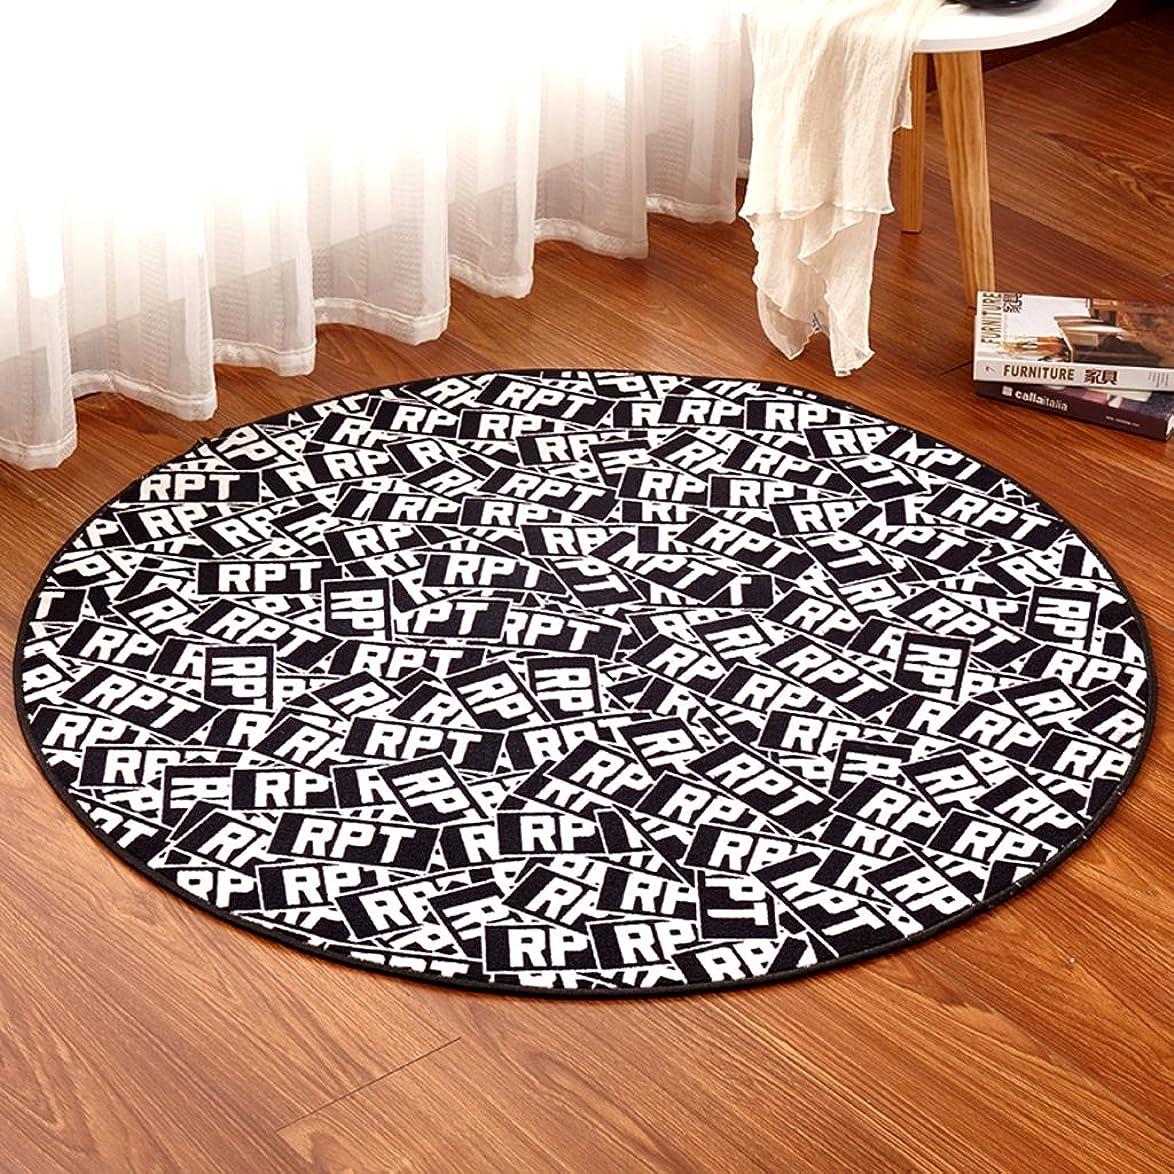 パシフィック常識最大化するカーペットパーソナライズラウンドラグコーヒーテーブル寝室研究コンピュータブランケットチェアマット子供のクロールブランケットリビングルームカーペット (Color : 150CM)